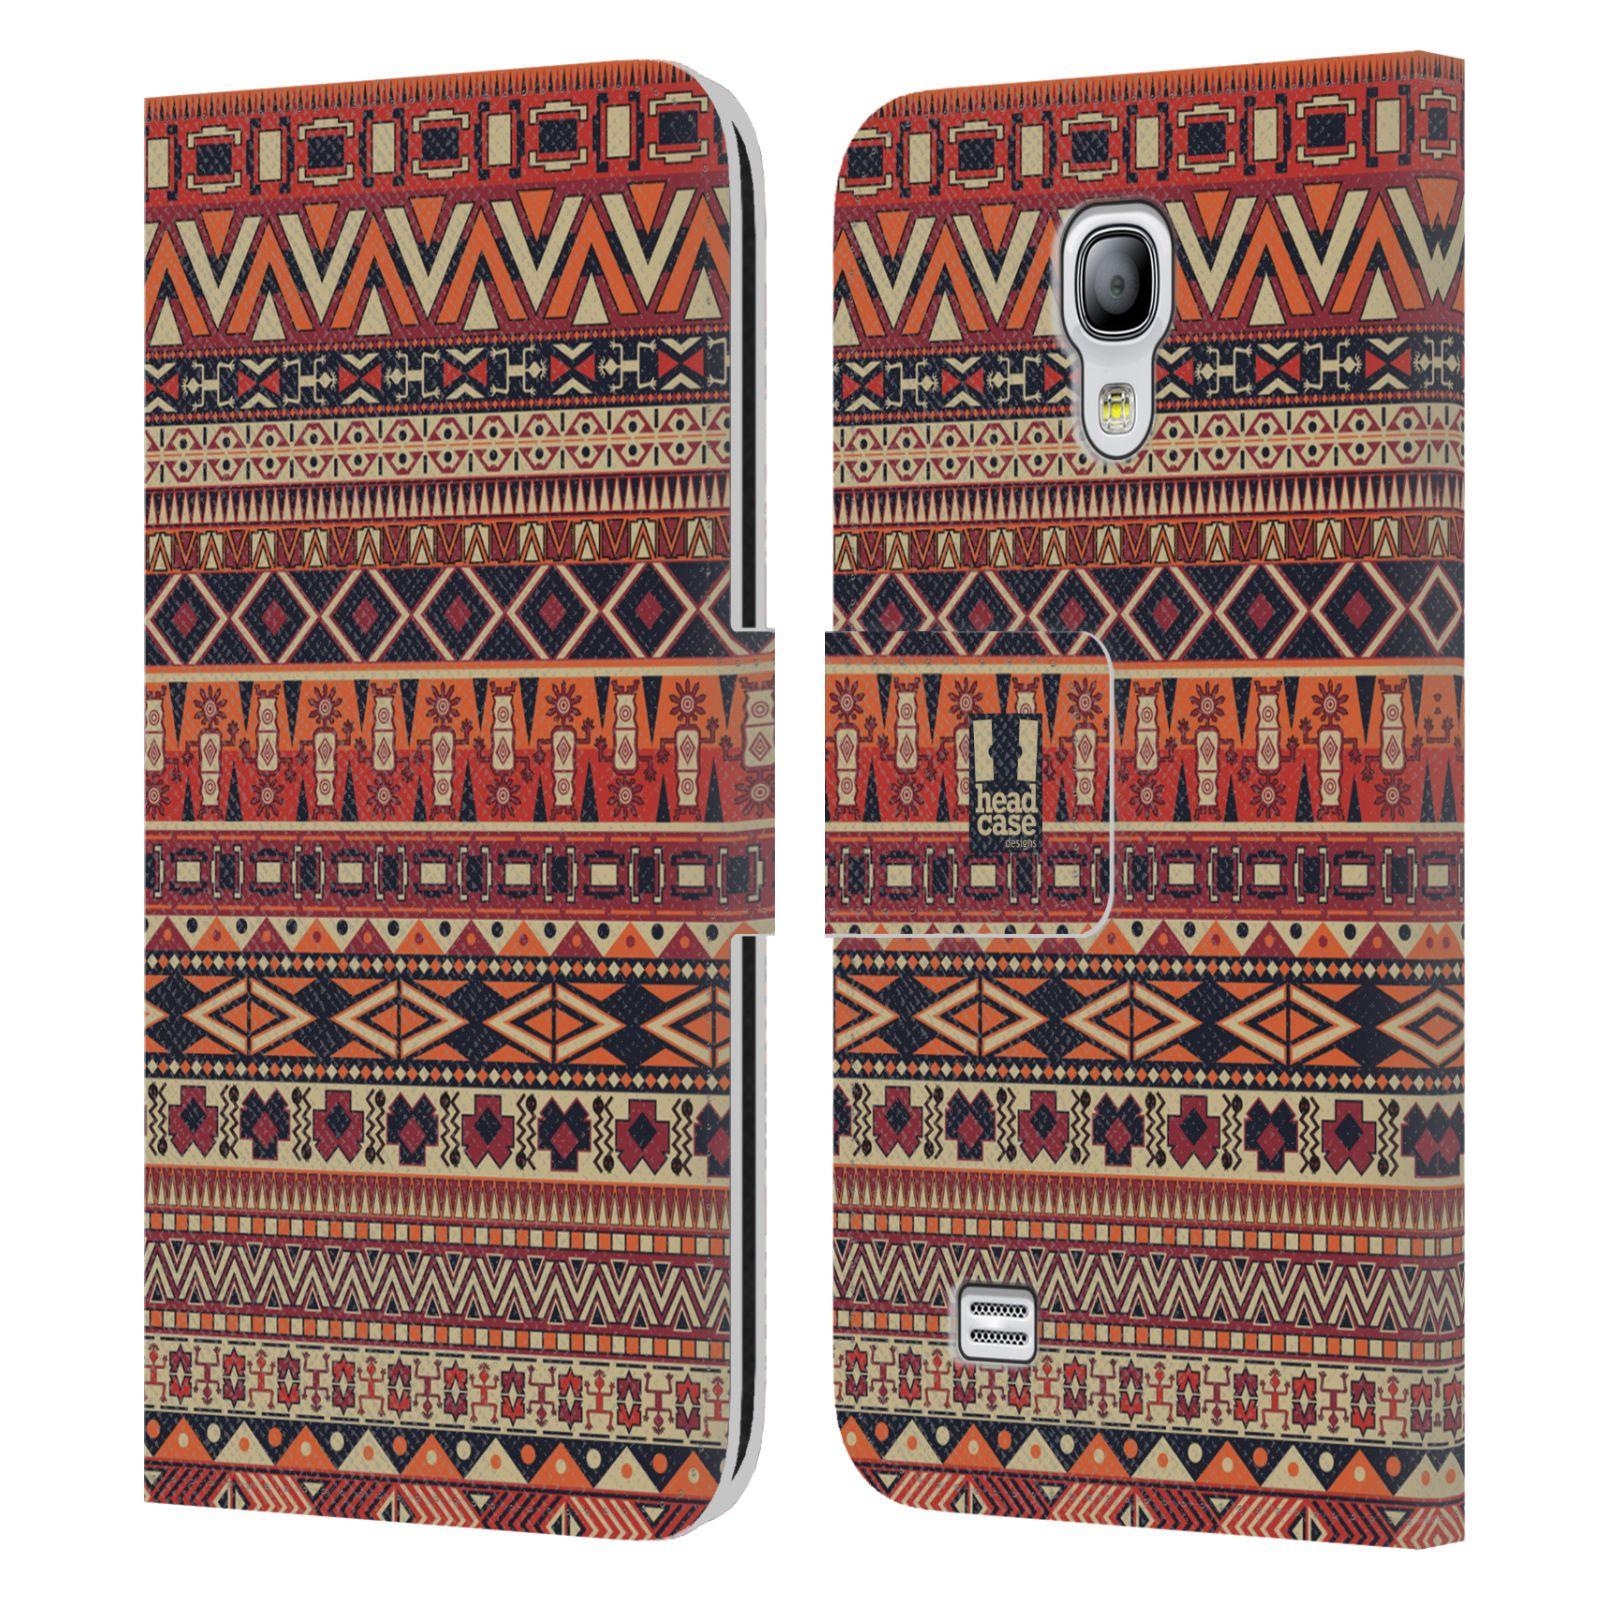 HEAD CASE Flipové pouzdro pro mobil Samsung Galaxy S4 MINI / S4 MINI DUOS Indiánský vzor RED červená